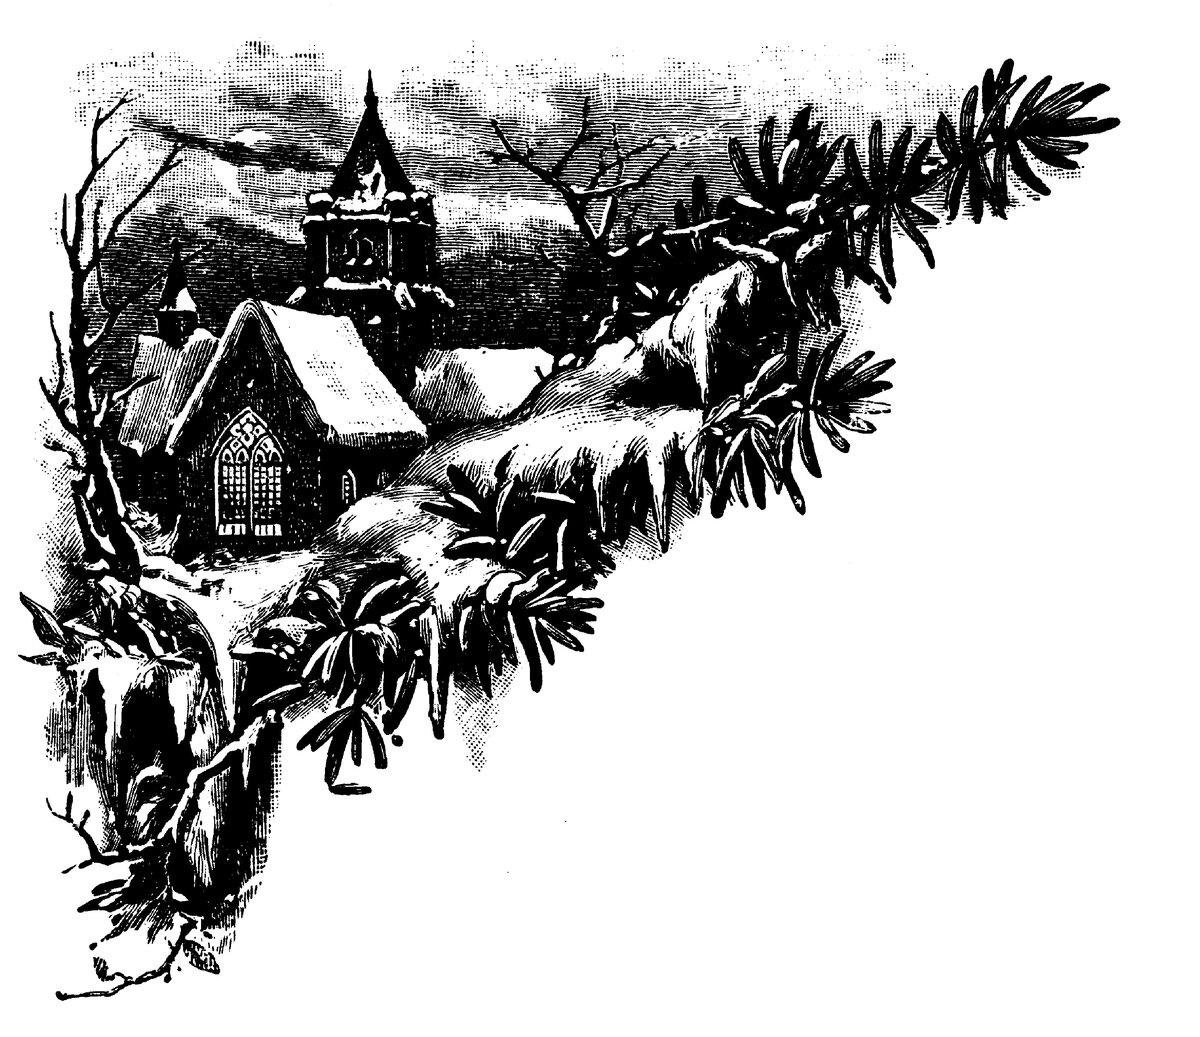 Открытки добрым, новогодняя открытка углем нарисована